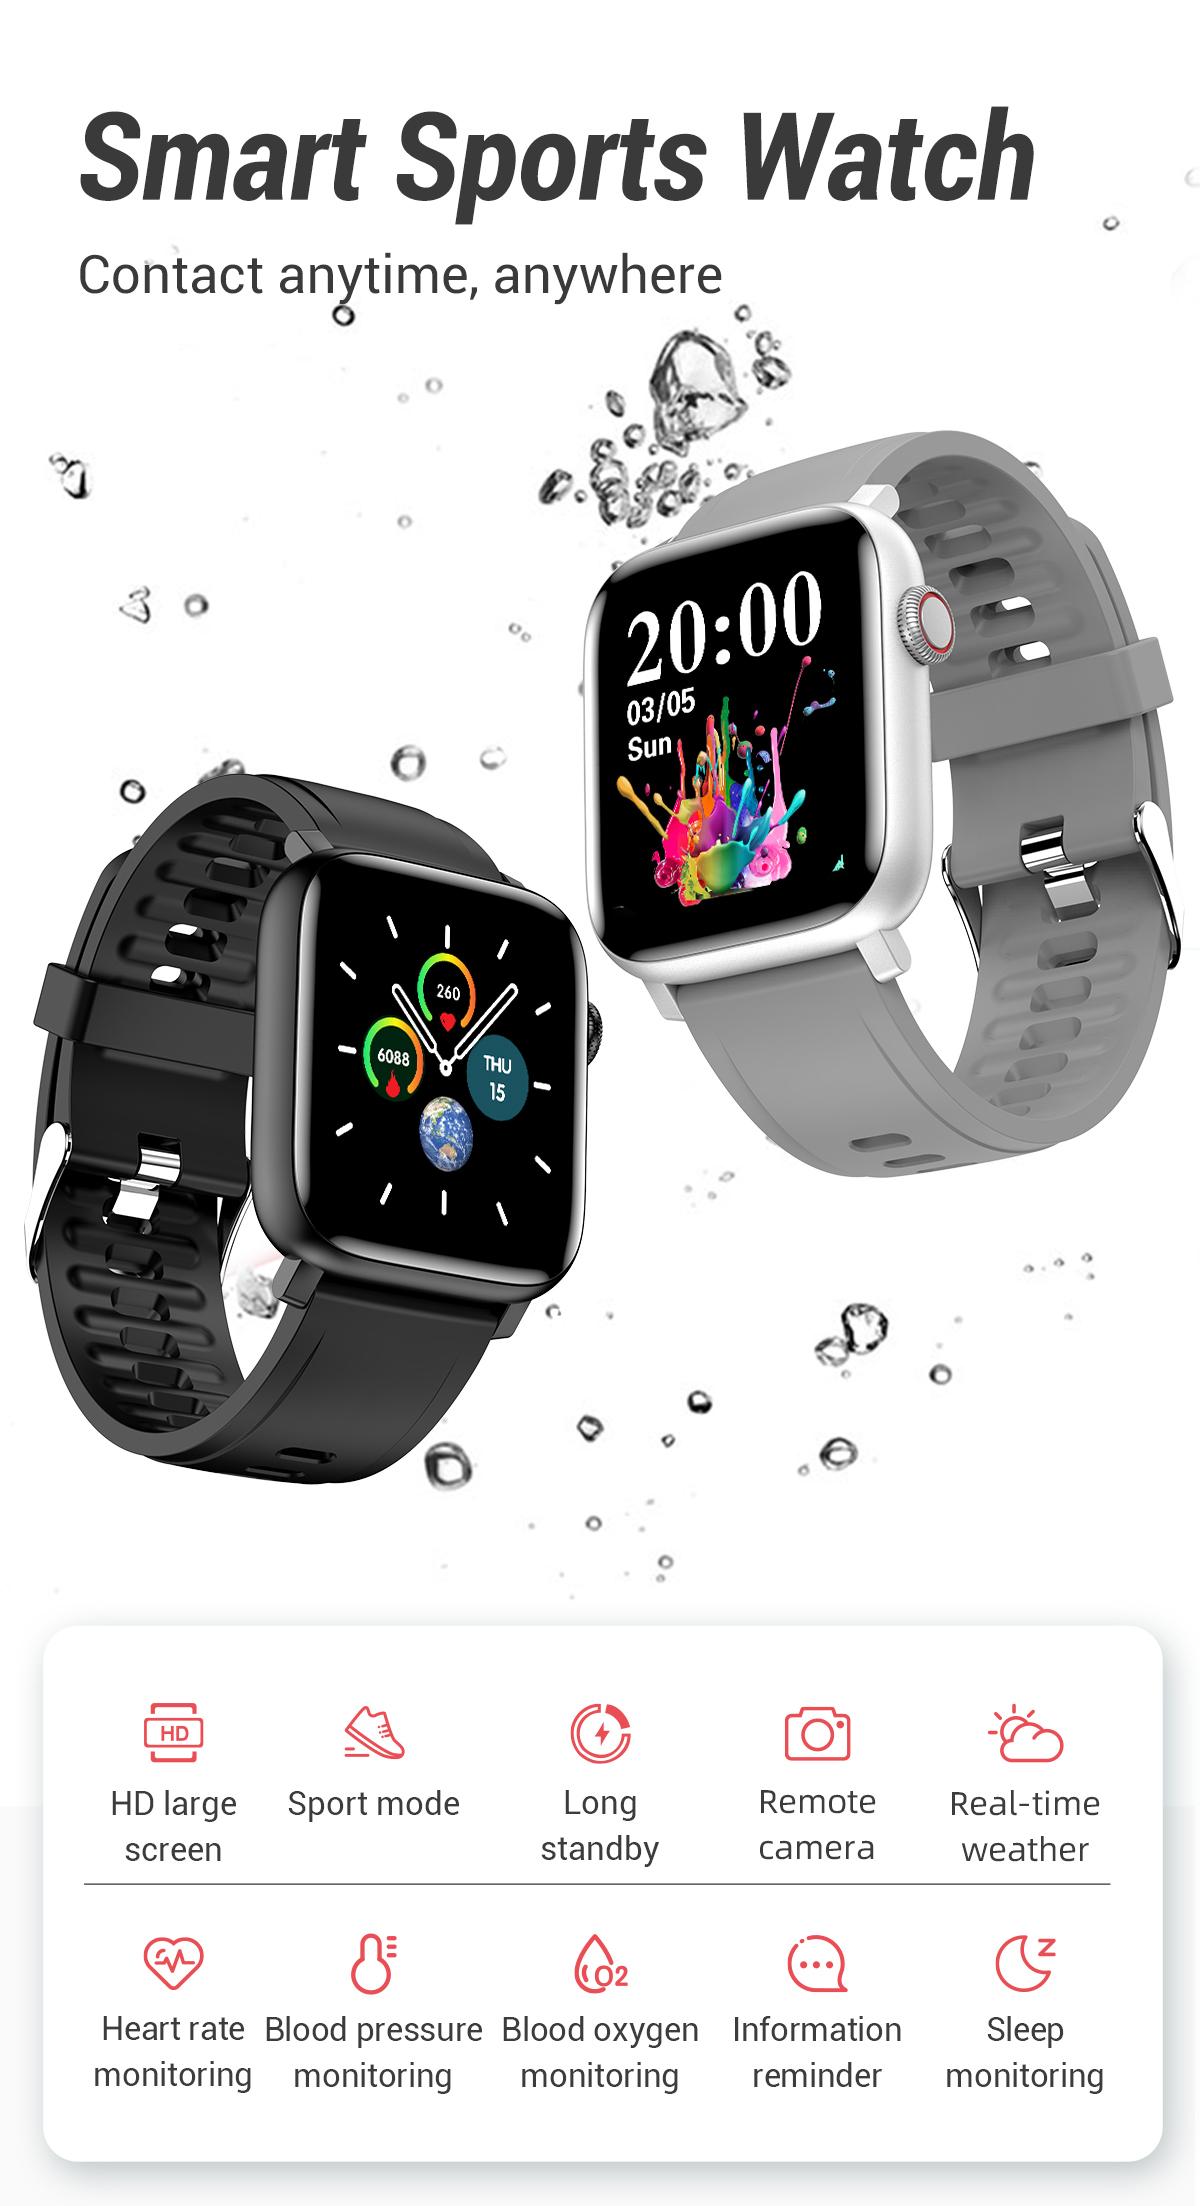 Đồng Hồ Thông Minh thiết bị điện dong ho thong minh thiết bị đeo IP68 đồng hồ thể thao vòng đeo tay thông minh